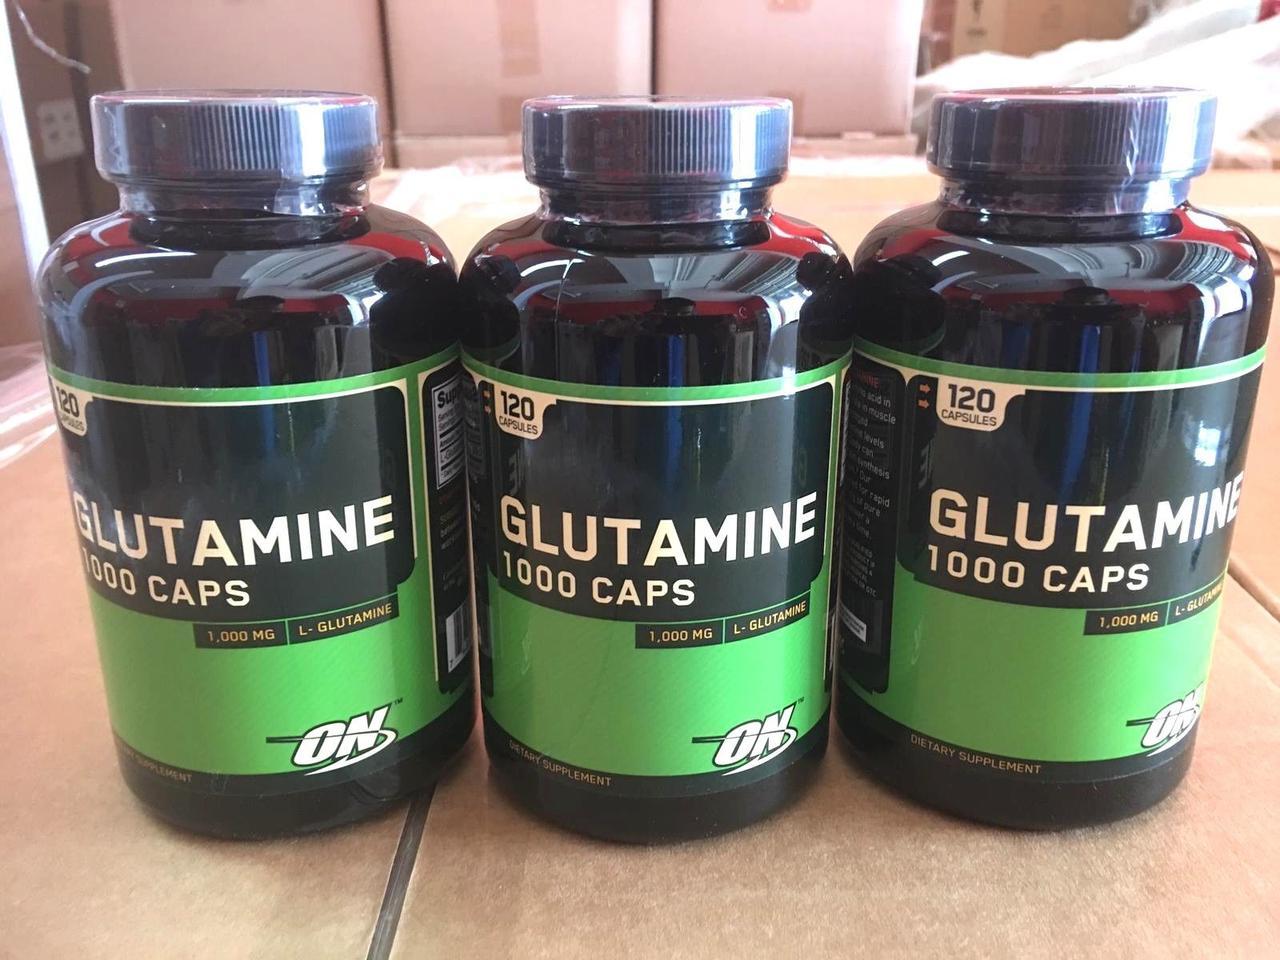 Глютамин: применение в бодибилдинге, подробная инструкция, его польза и для чего используют